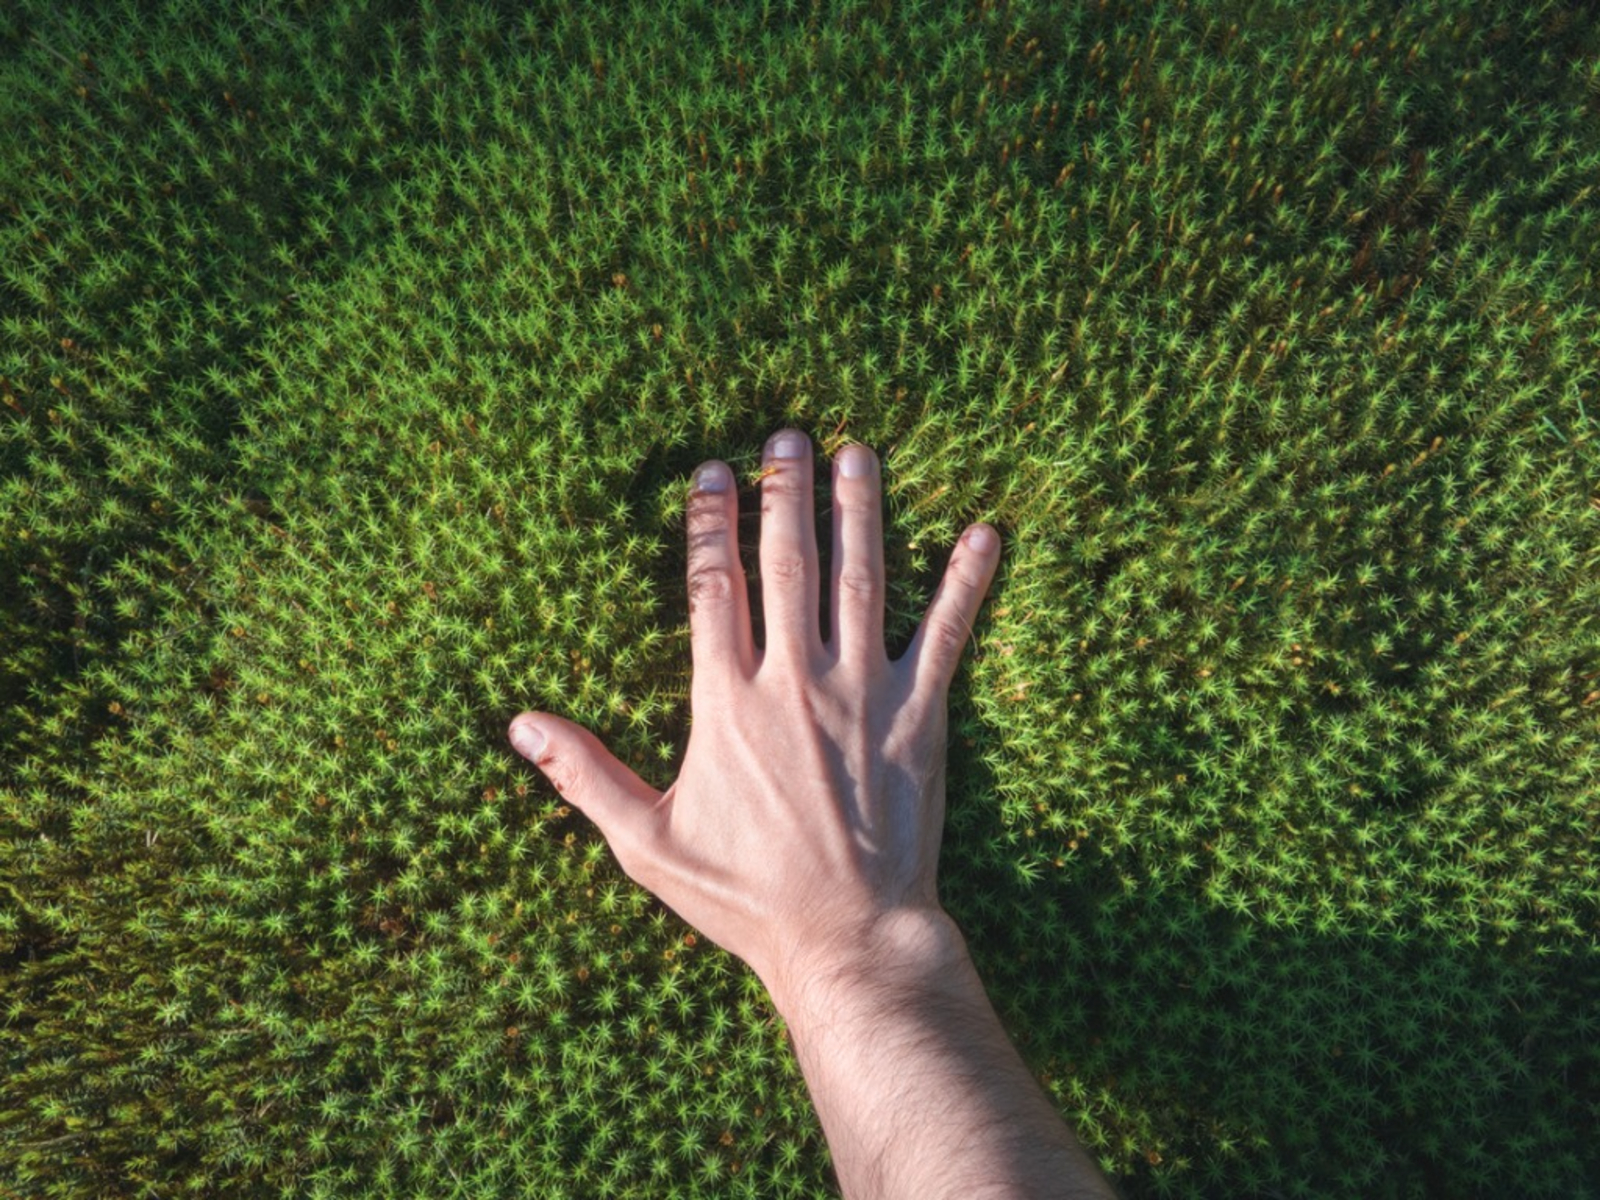 Moss in Lawn Guide